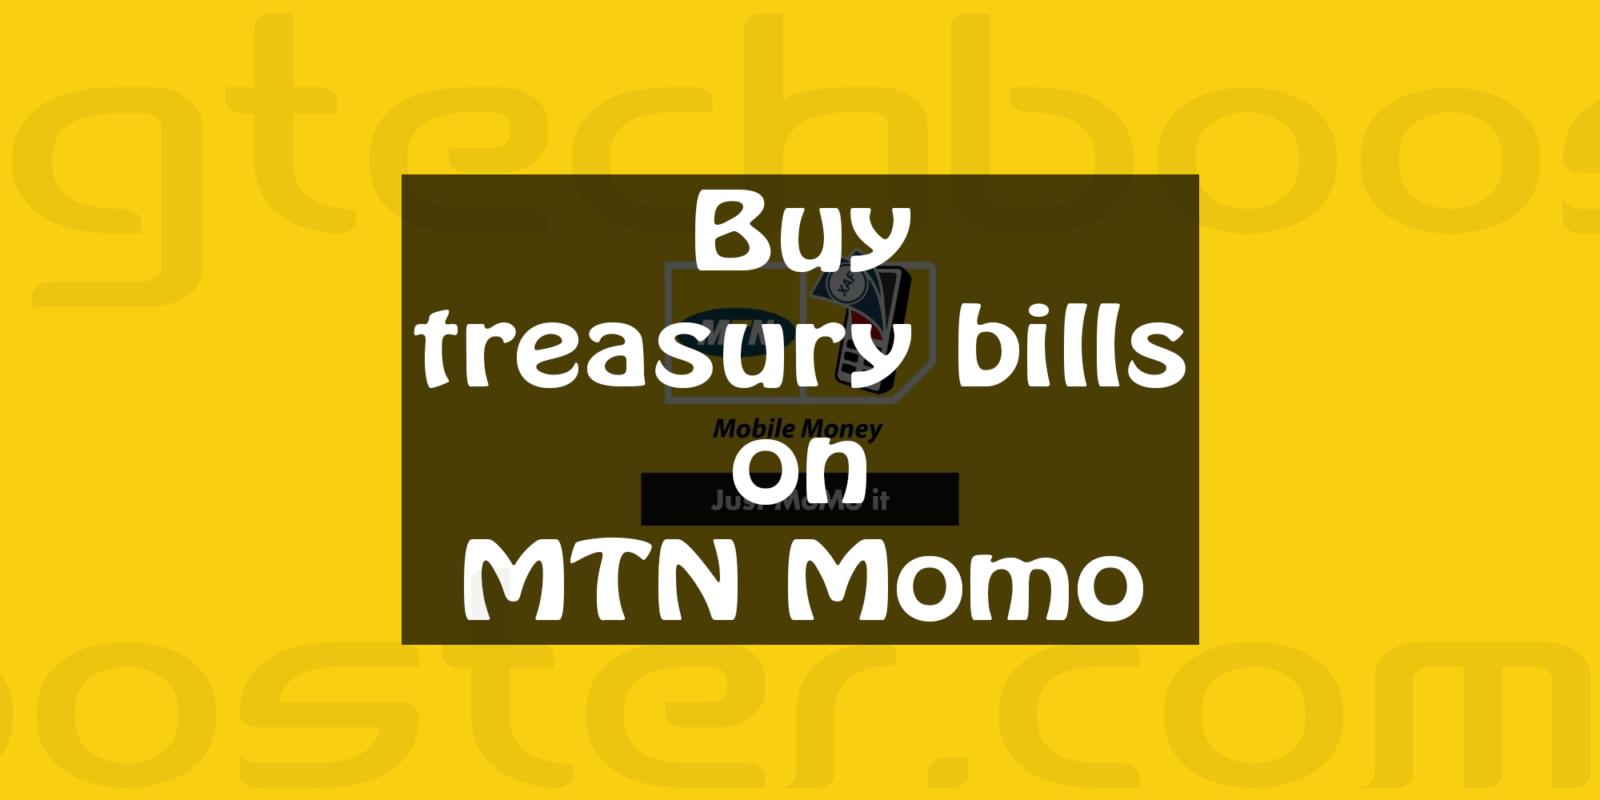 Buy treasury bills on Momo